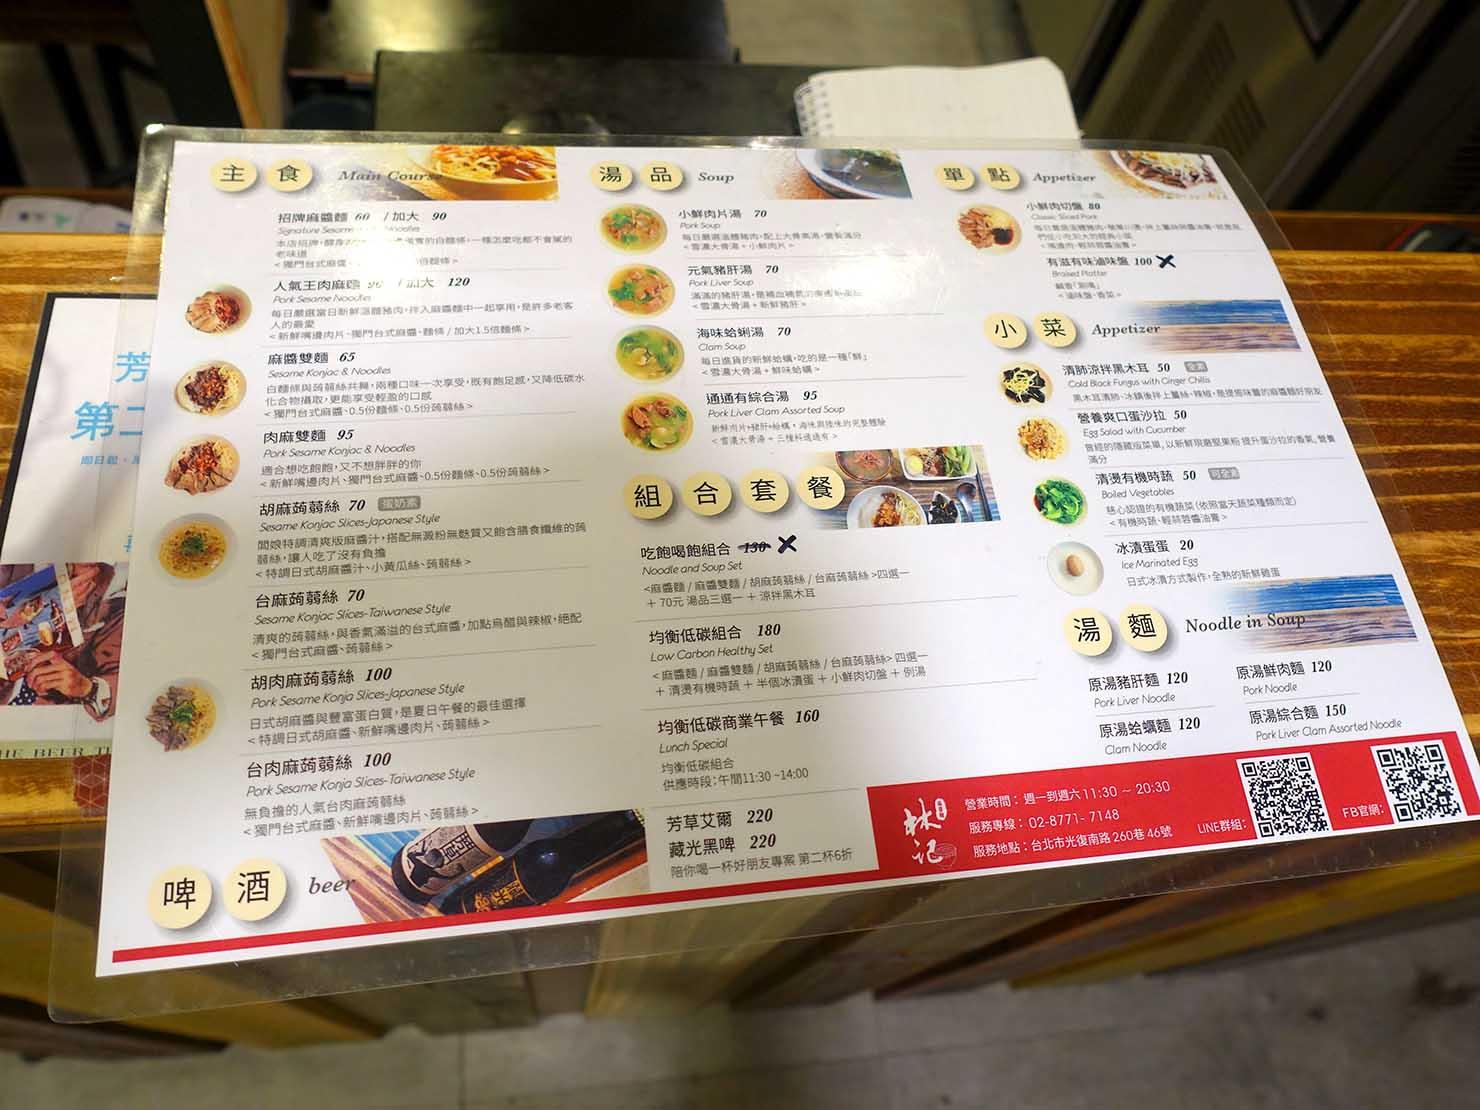 台北・國父紀念館のおすすめグルメ店「林家麻醬麵」のメニュー